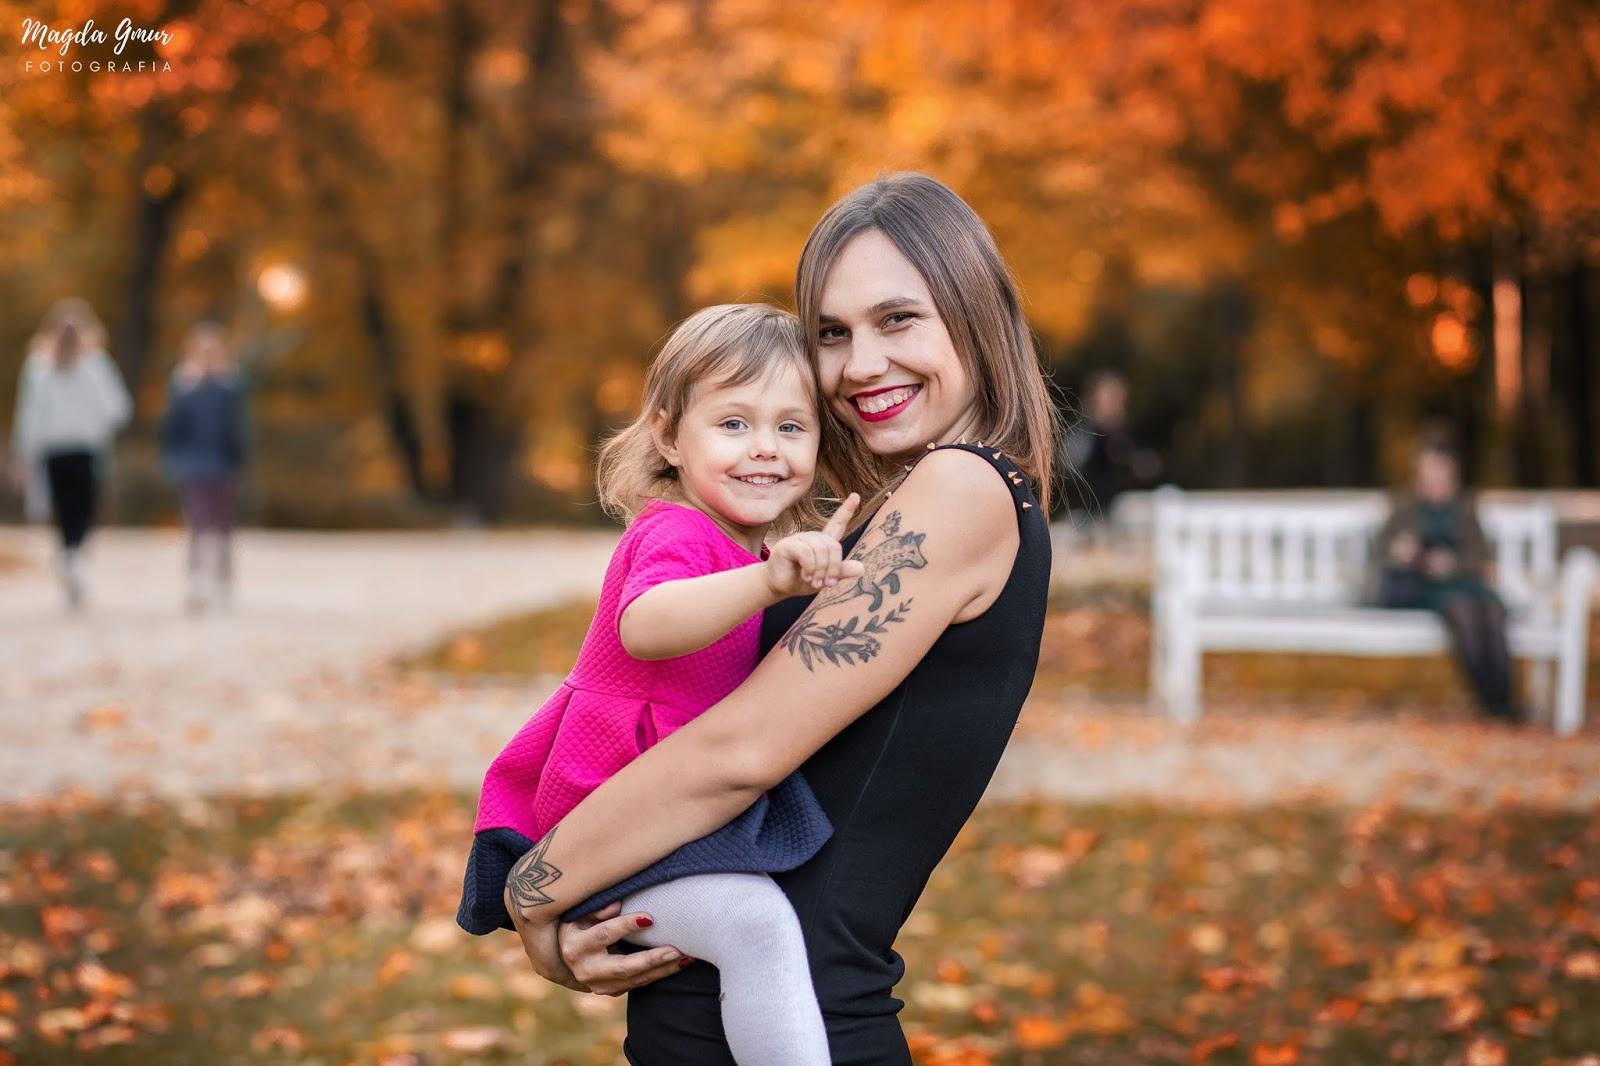 fotograf dzieciecy lublin, sesja dziecieca, mama i corka, fotograf lublin, fotograf opoczno, jesienna sesja z dzieckiem, magda gmur fotografia